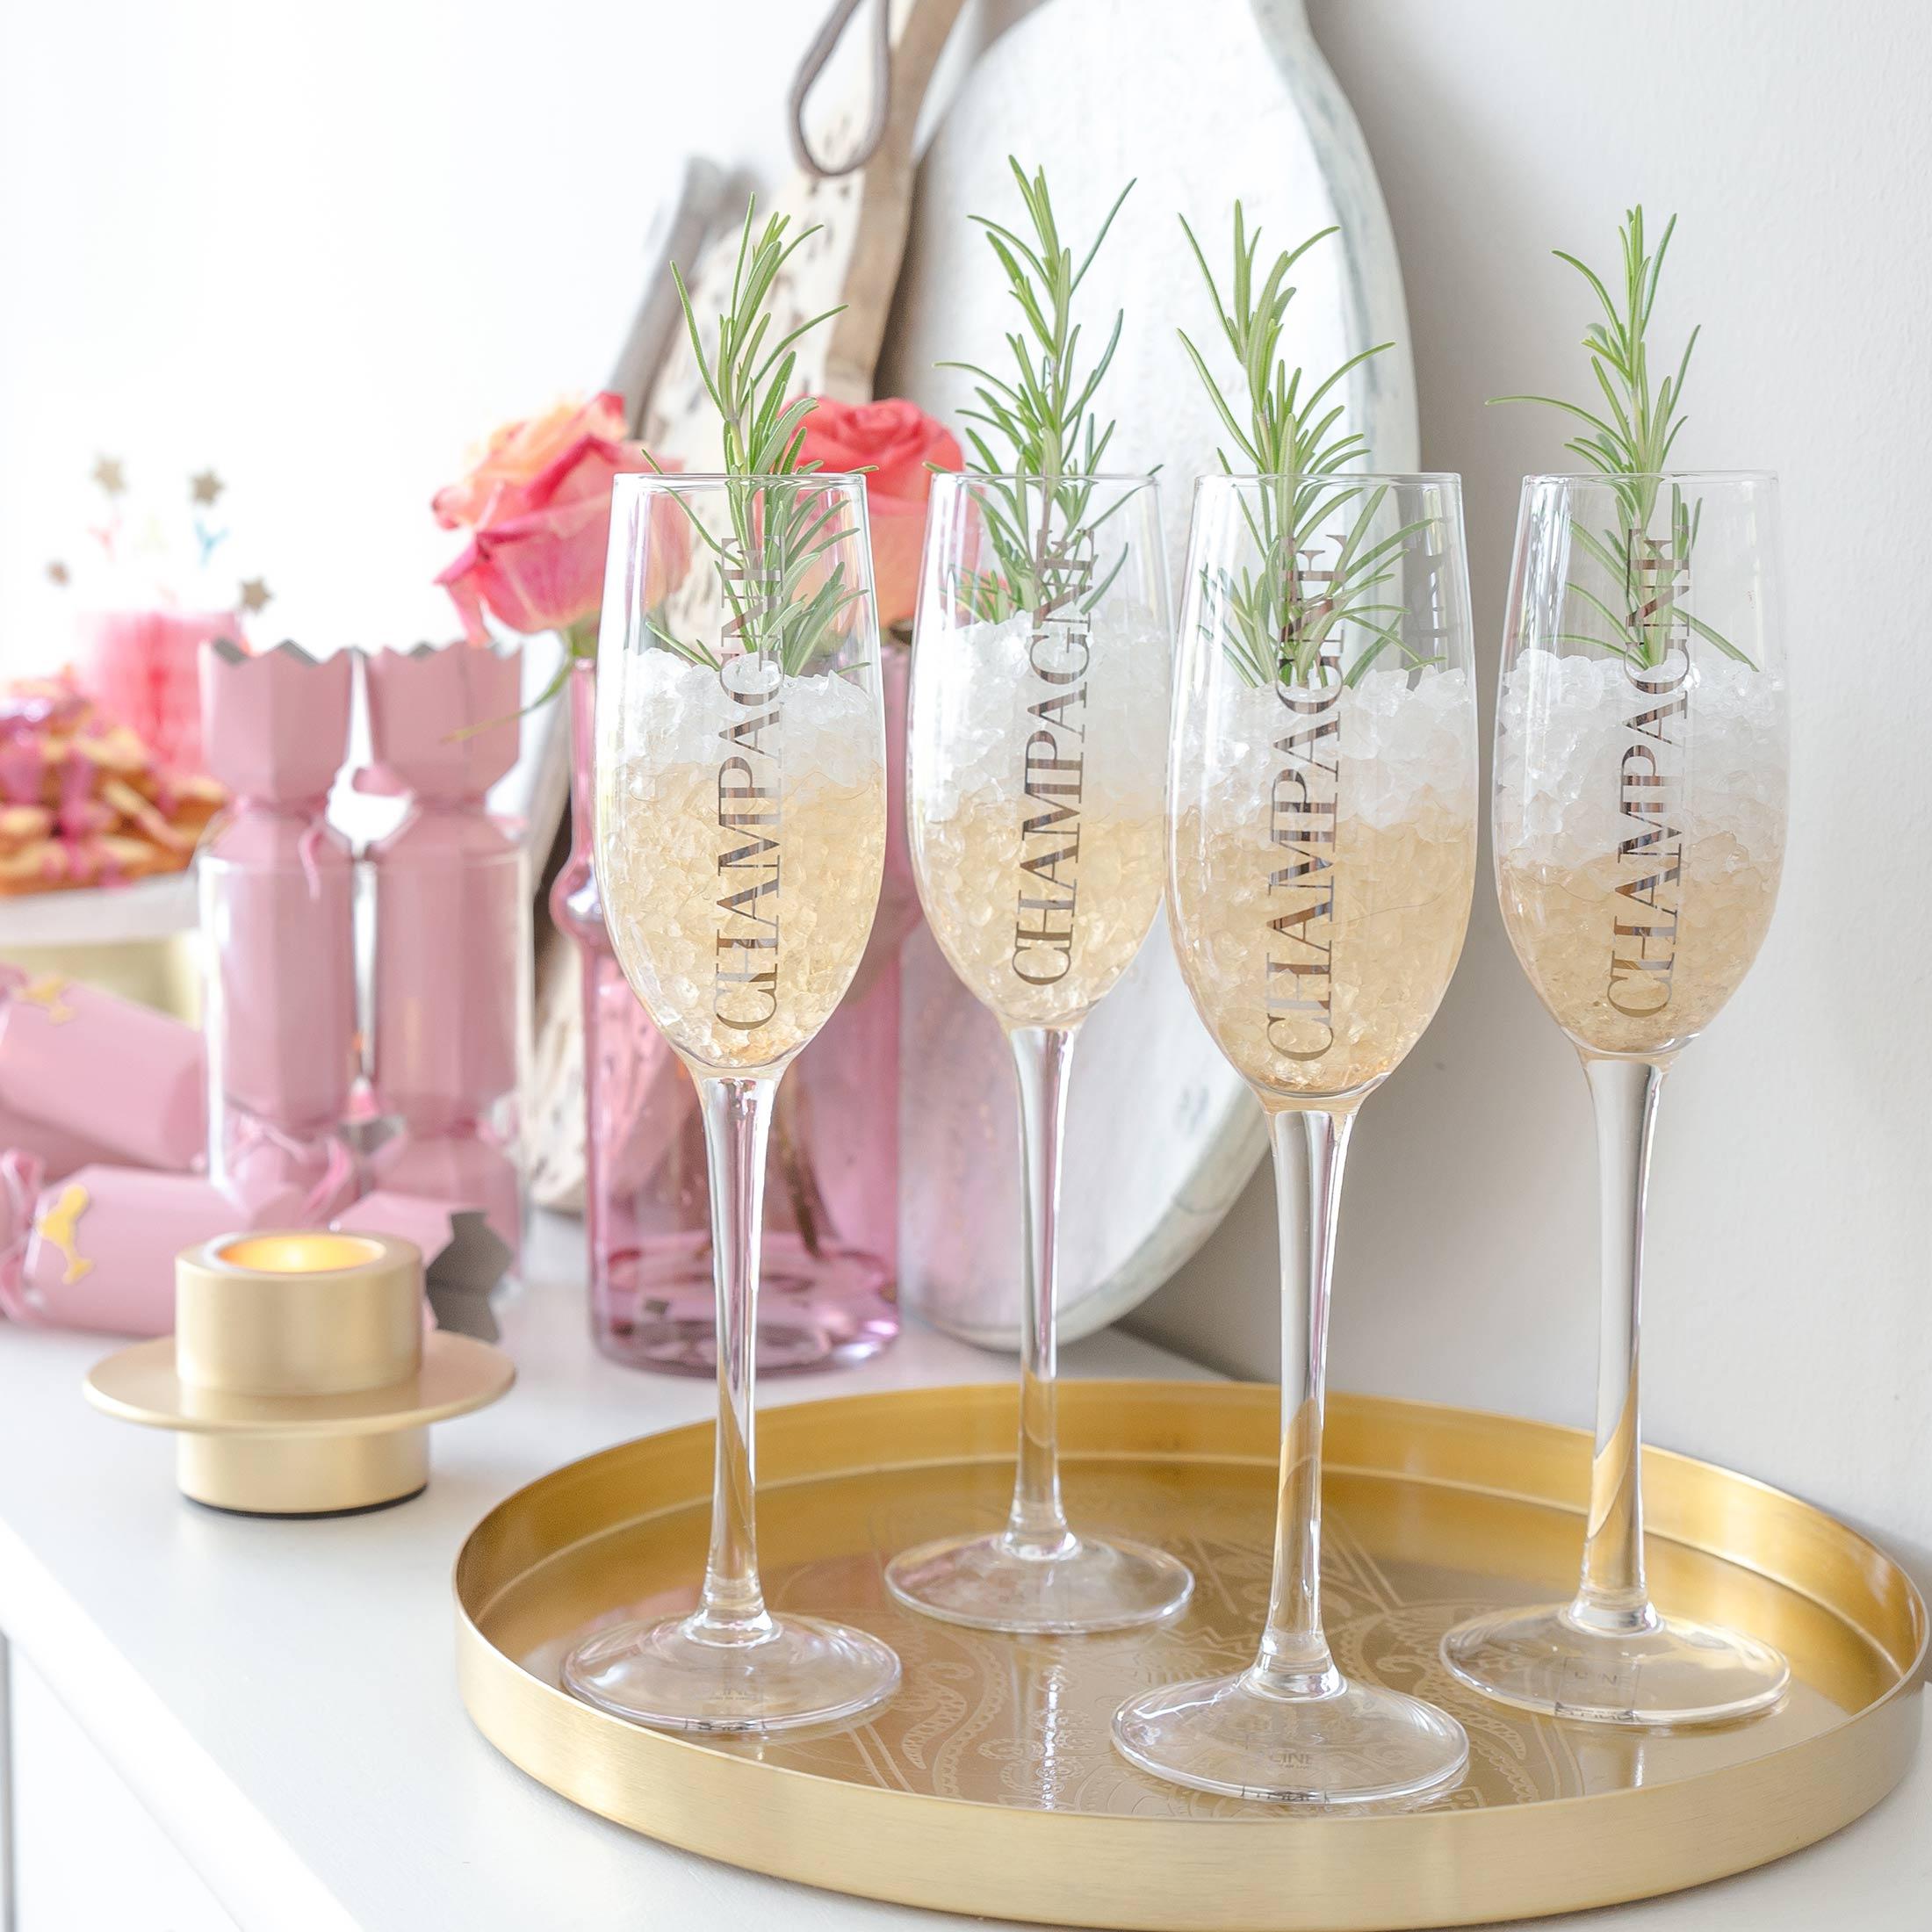 """Champagner Glas in Silber von der Marke Jline. Die Gläser haben den Schriftzug """"Champagne"""" angebracht und laden zum Feiern ein"""